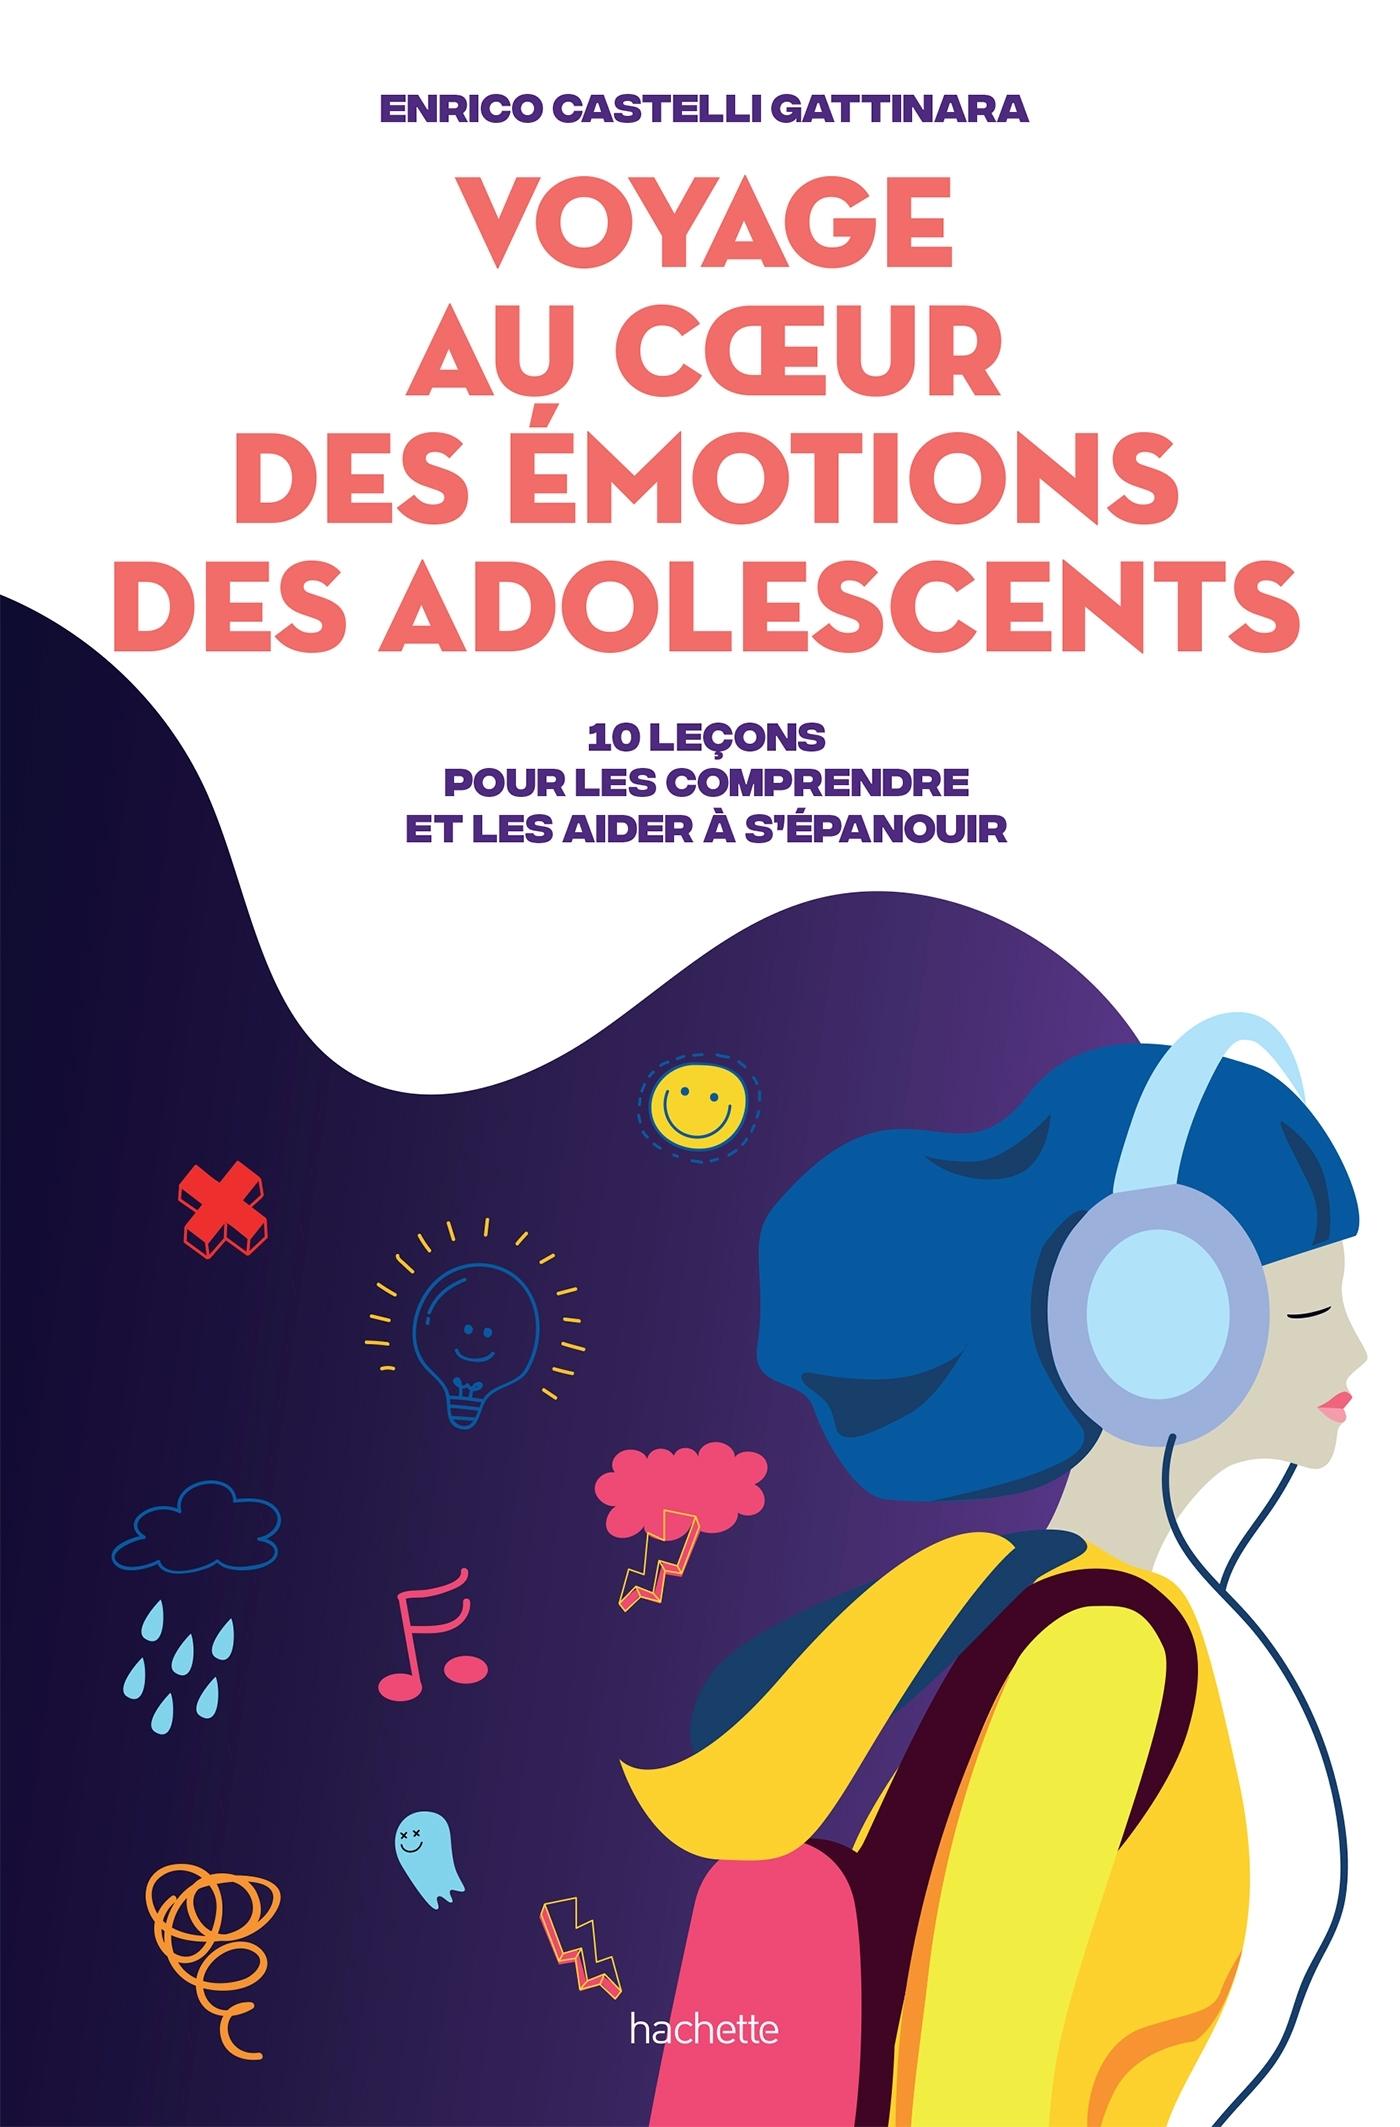 VOYAGE AU COEUR DES EMOTIONS DES ADOLESCENTS - 10 LECONS POUR LES COMPRENDRE ET LES AIDER A S'EPANOU